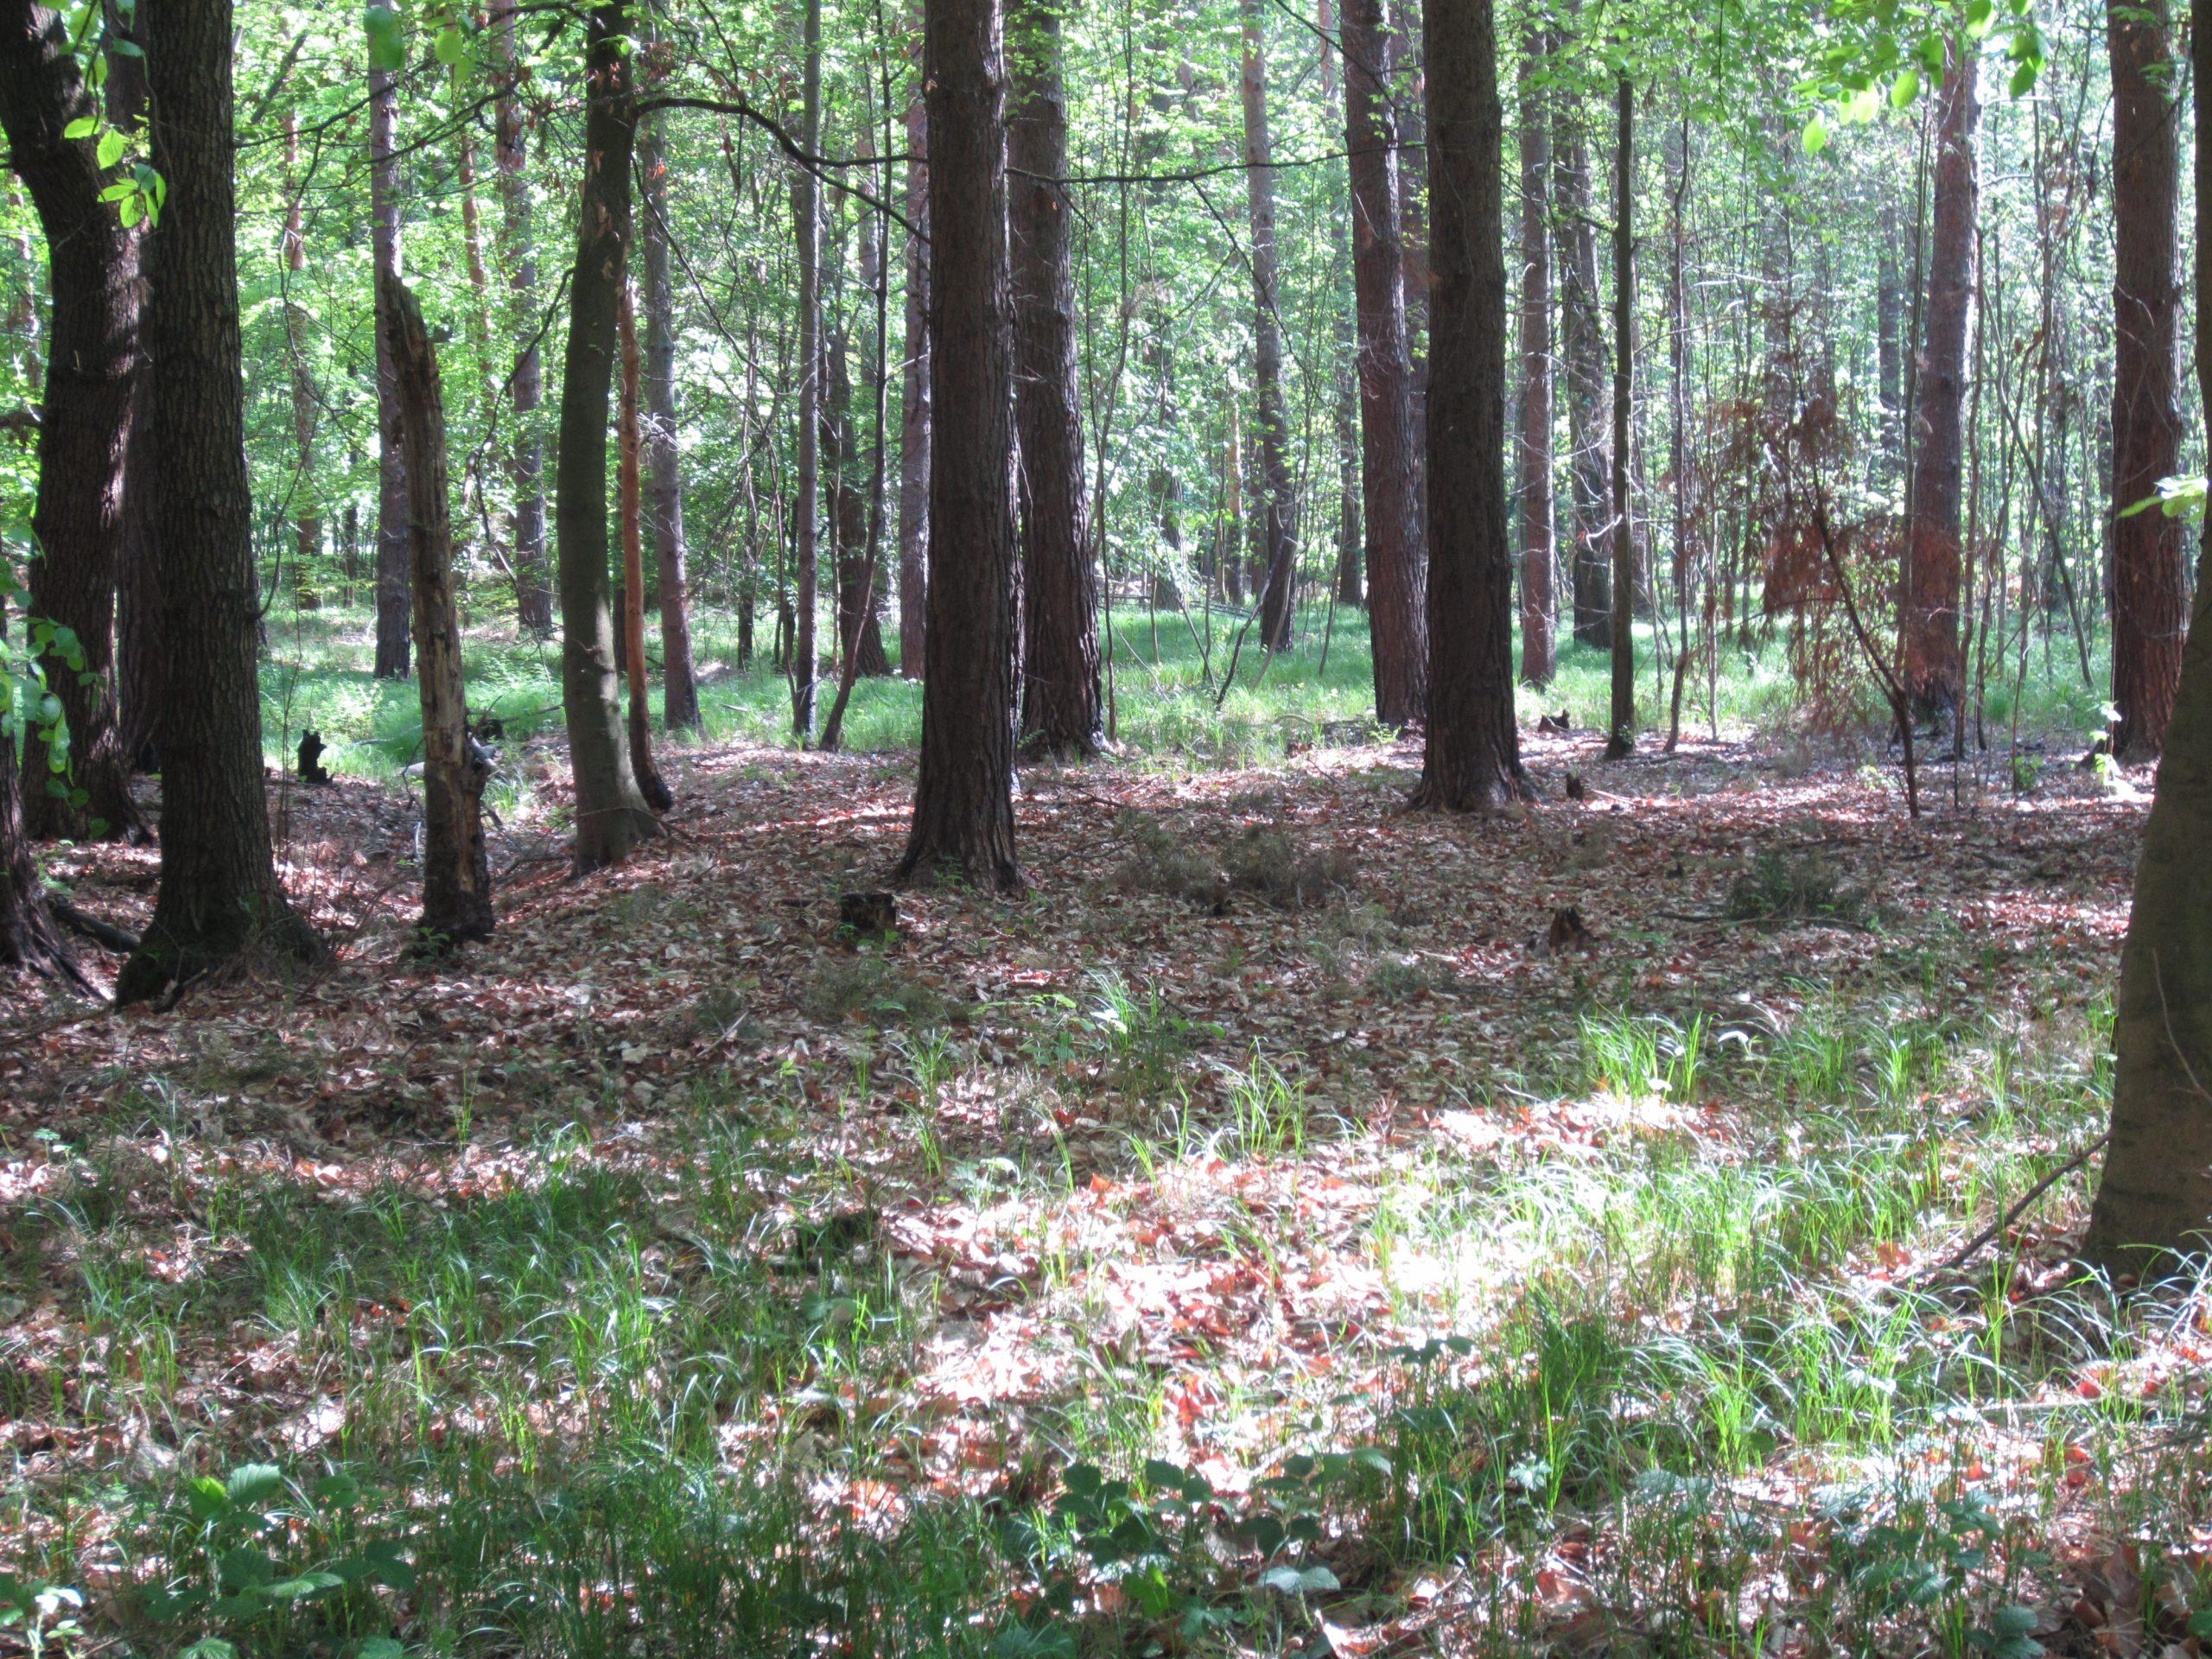 Herzliche Einladung zur Waldbaden-Tour am 24. Mai